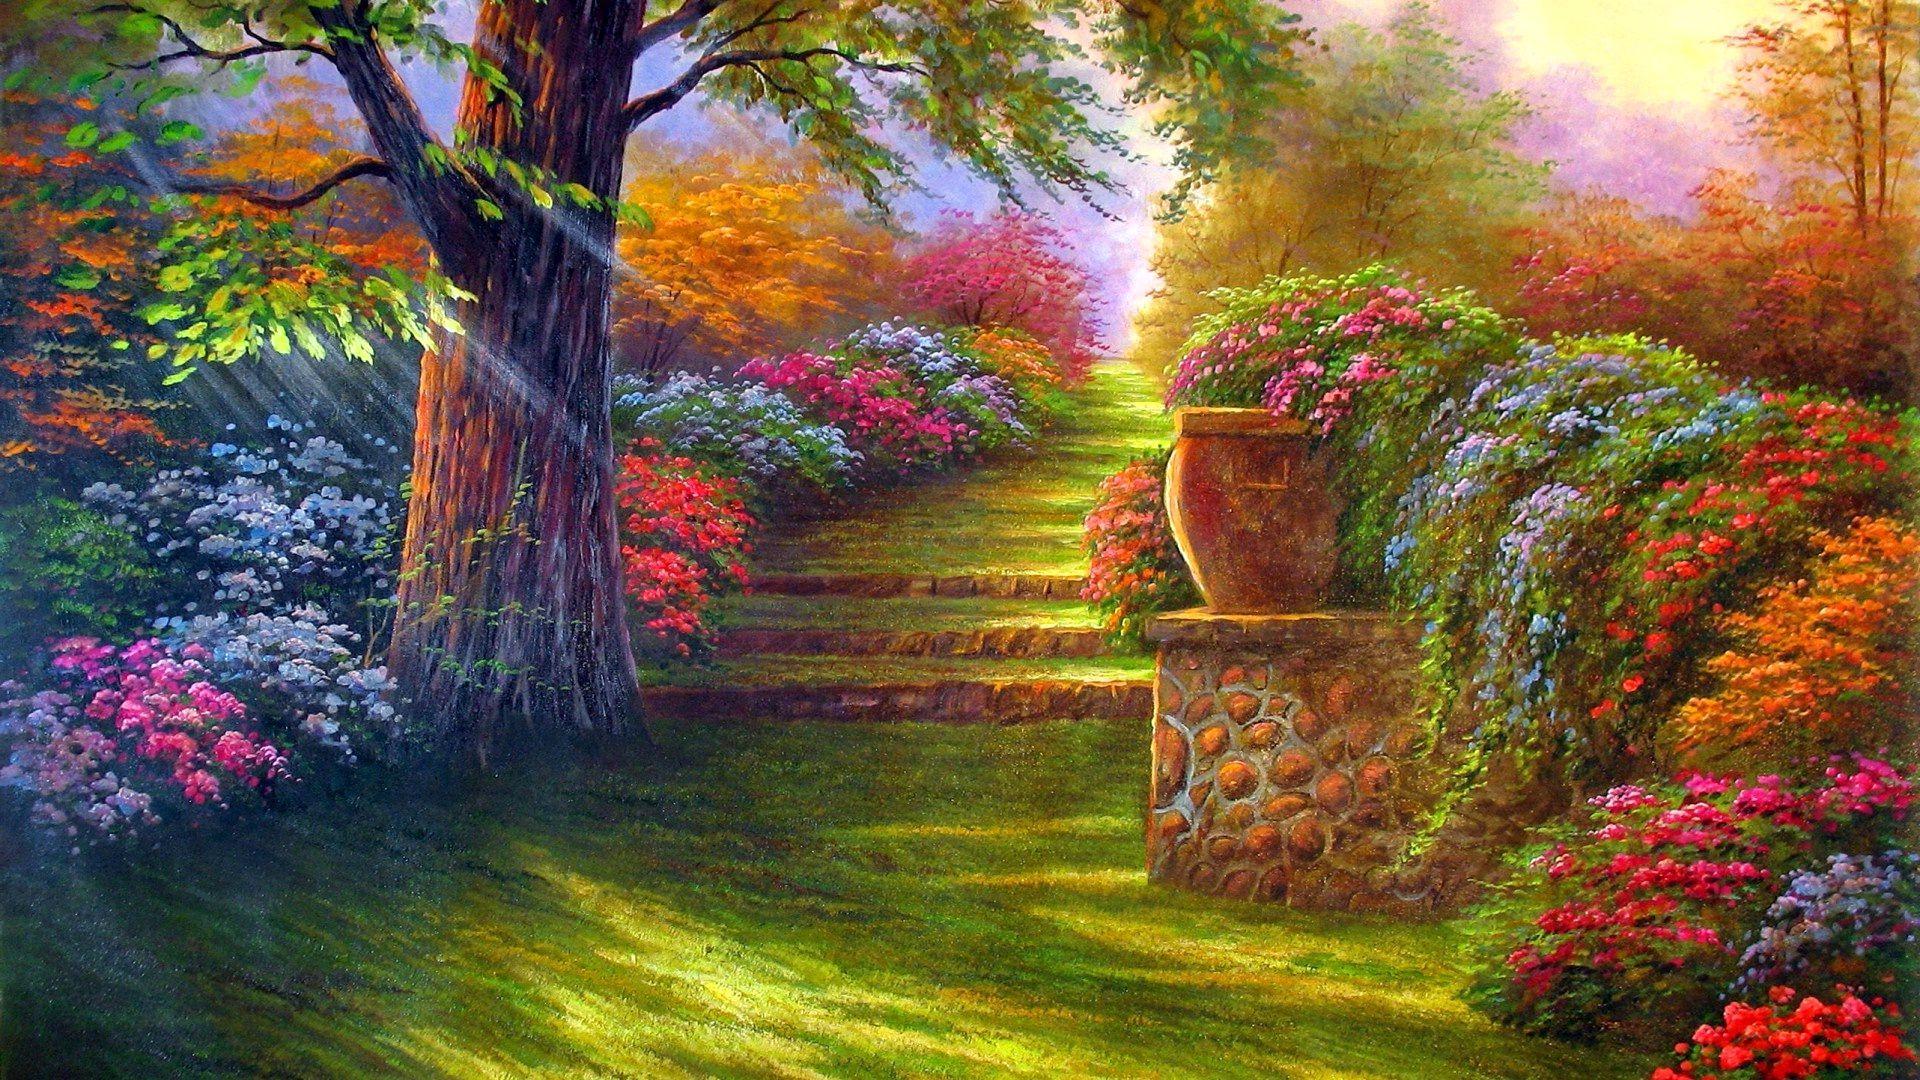 Flower Garden Photos Download Natural Flower Garden Wallpapers Landscape Wallpaper Garden Painting Nature Wallpaper